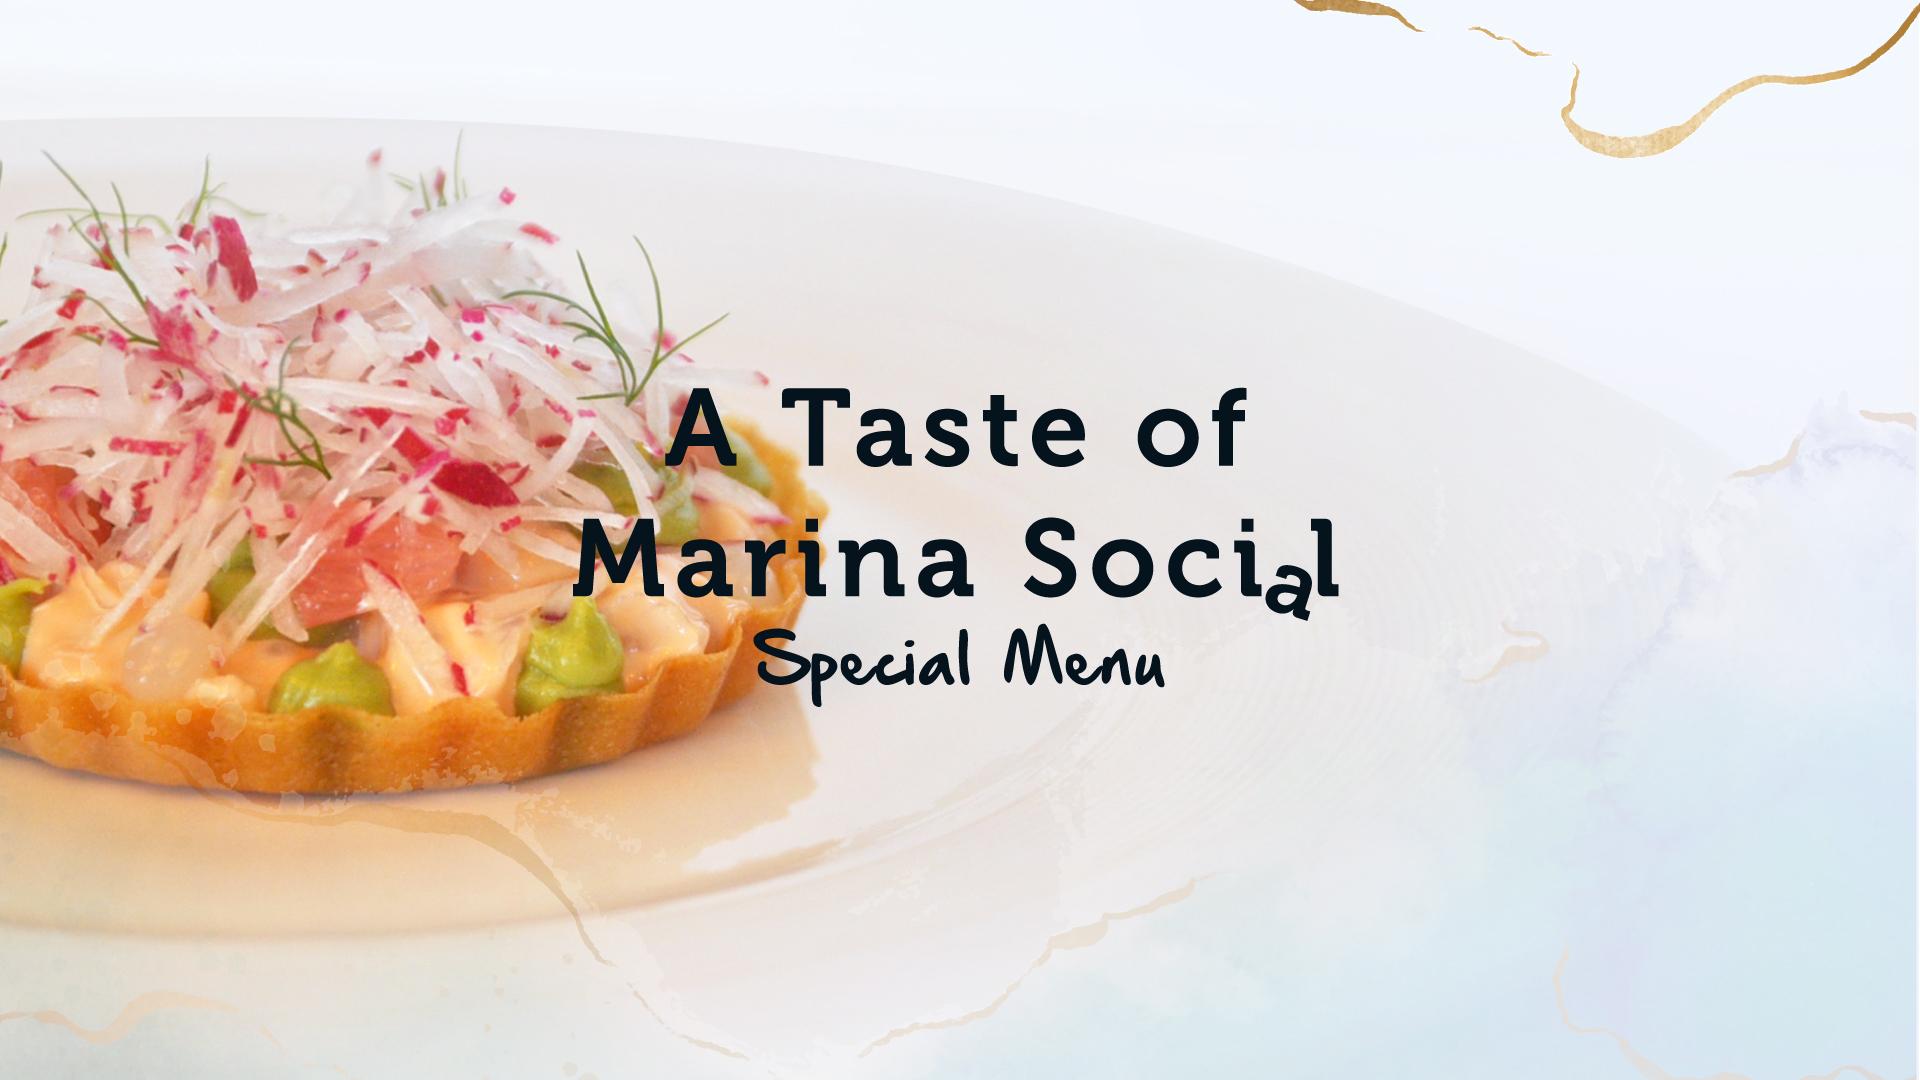 Marina Social by Jason Atherton image